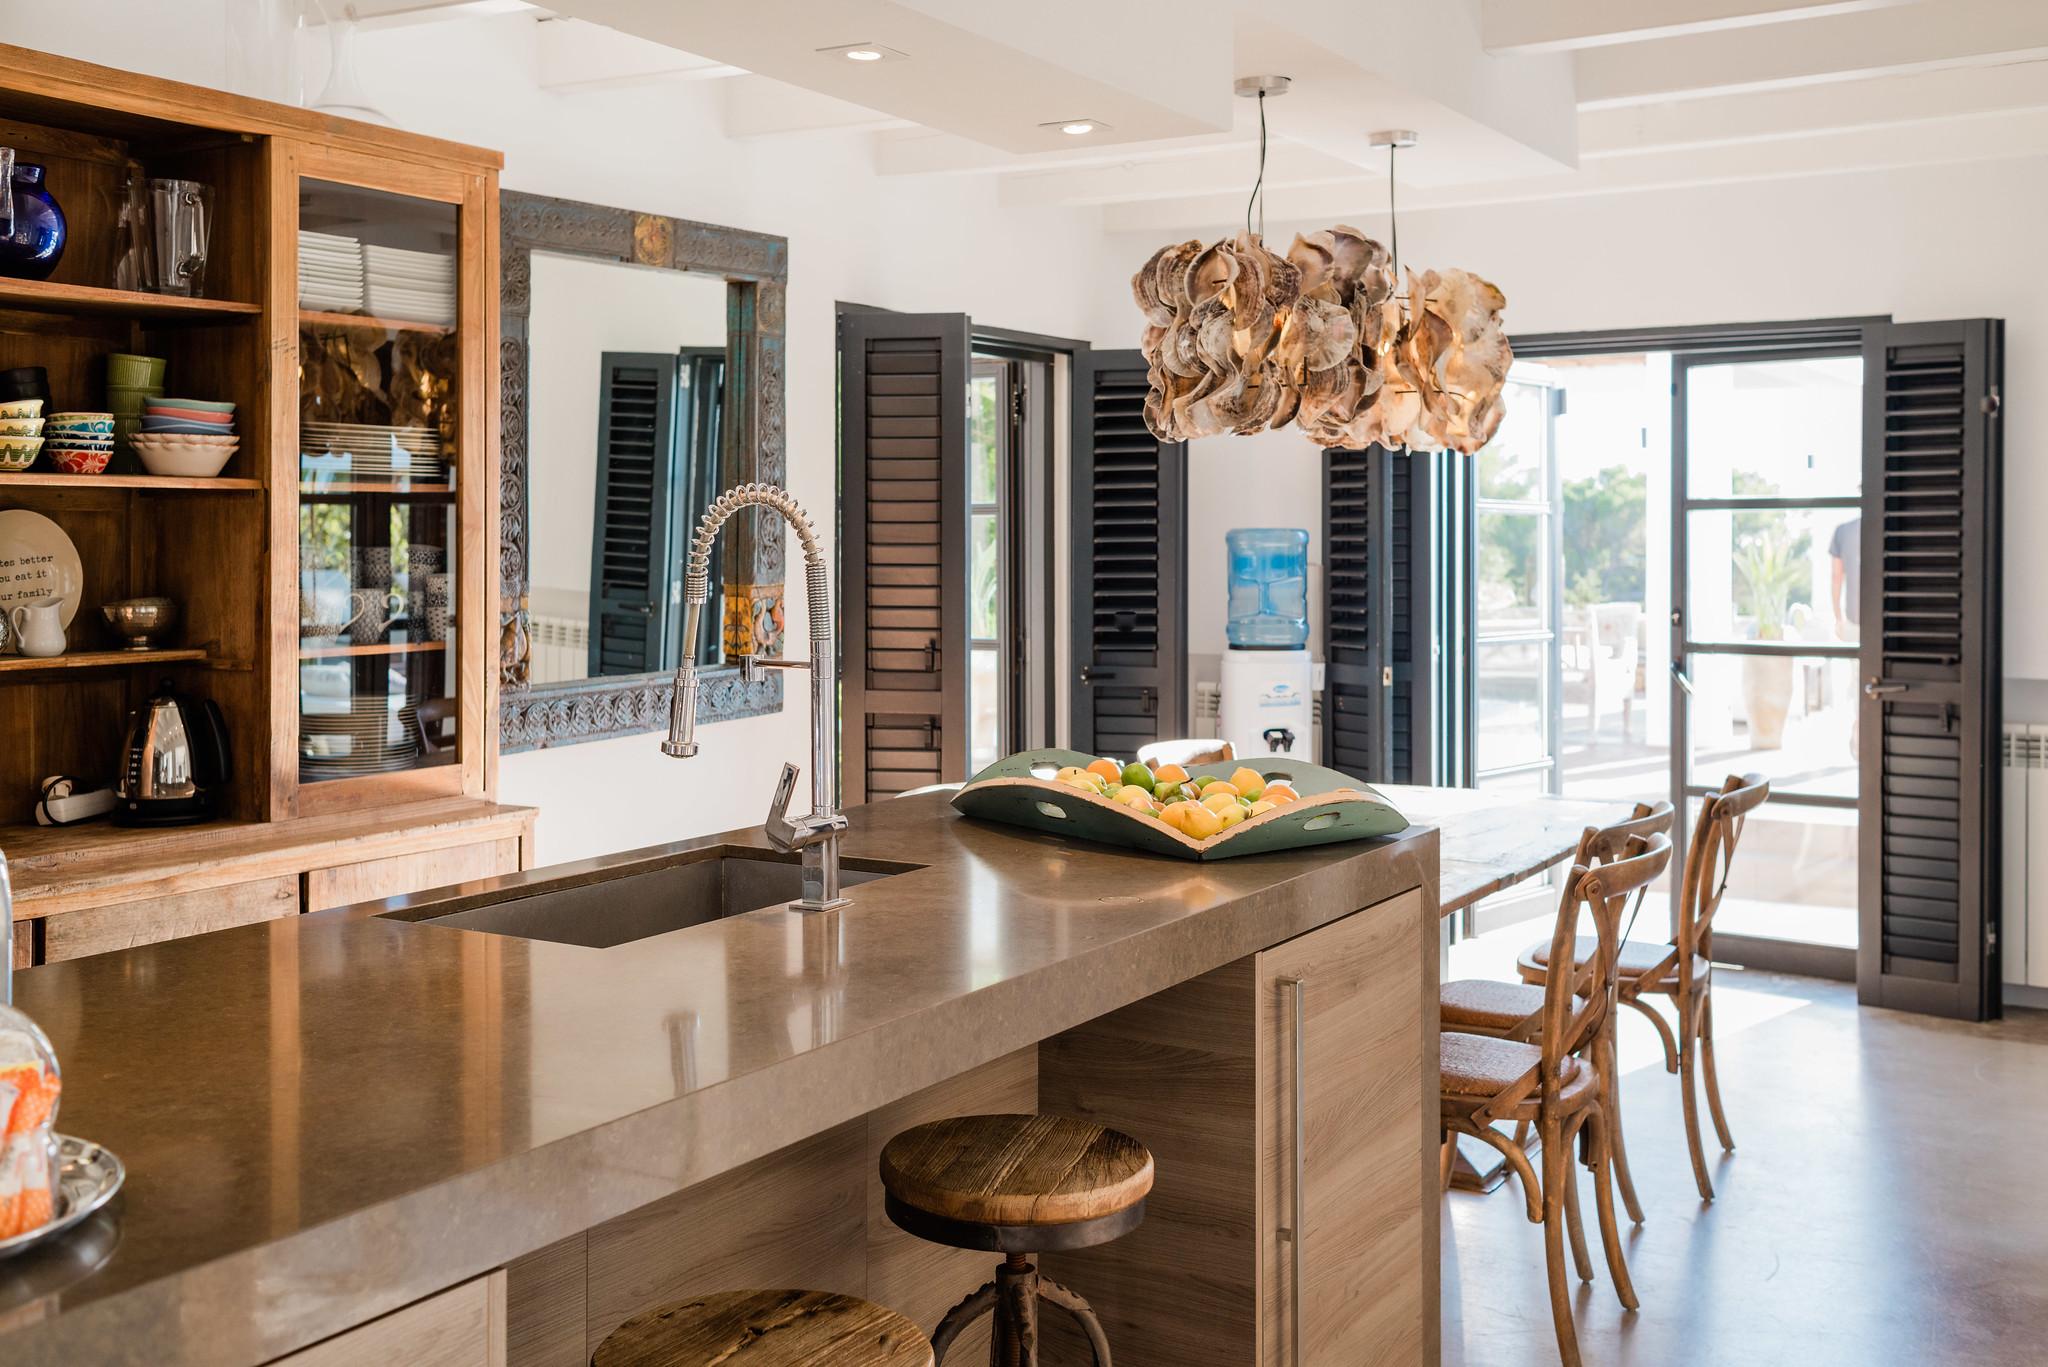 https://www.white-ibiza.com/wp-content/uploads/2020/05/white-ibiza-villas-casa-amalia-interior-kitchen-1.jpg